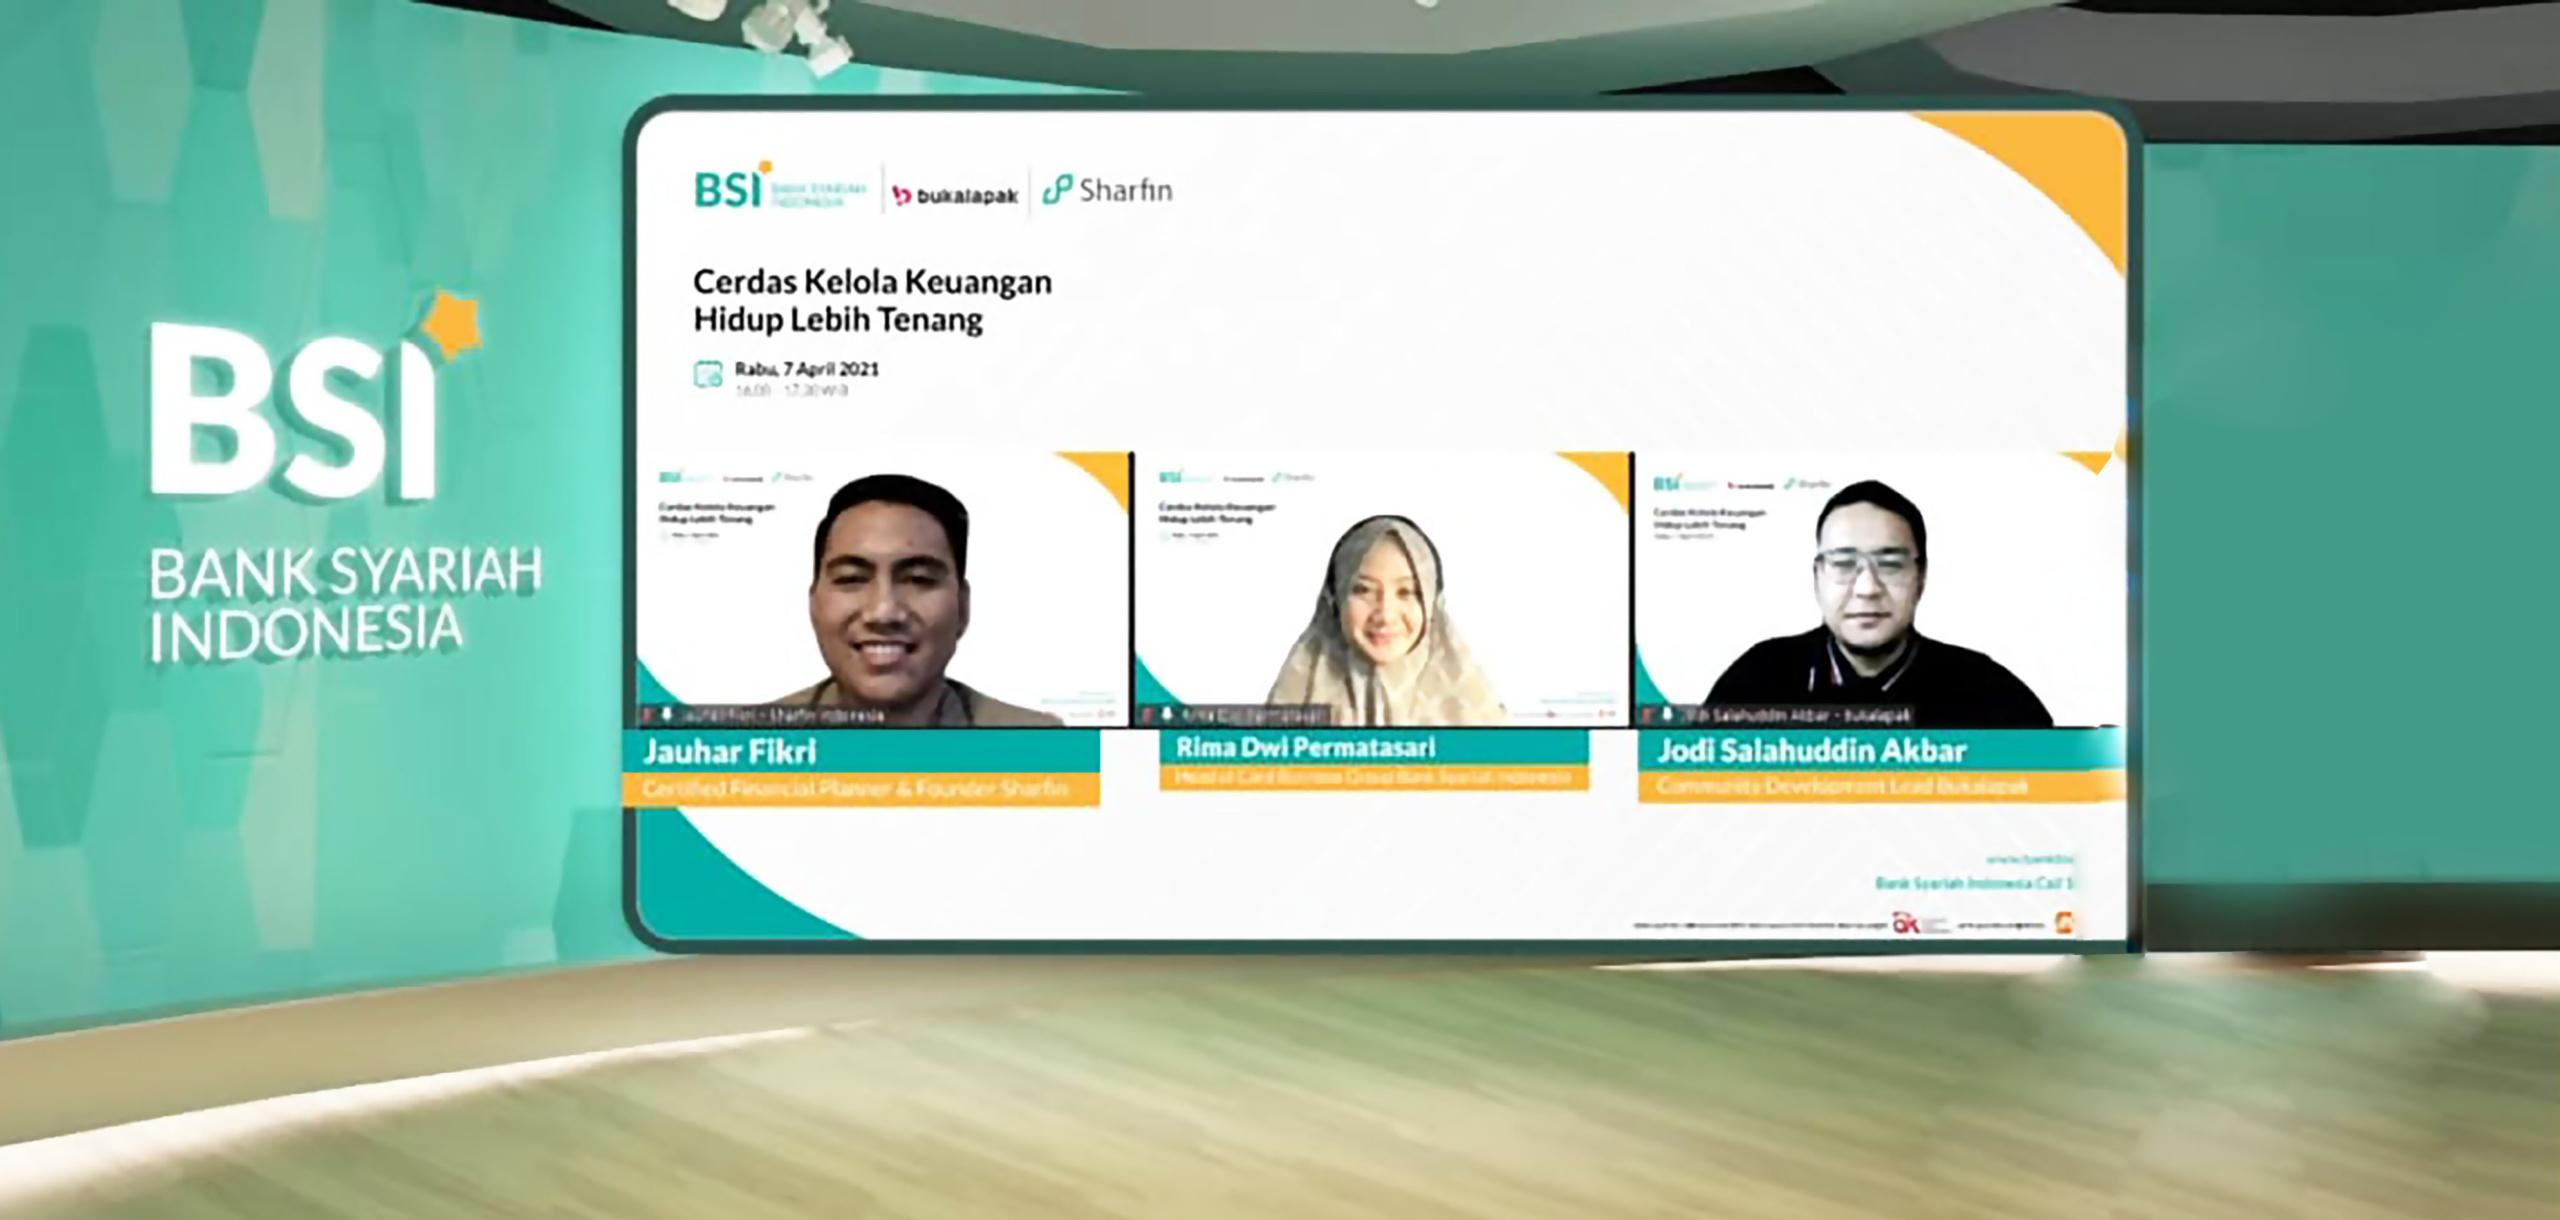 Bangkitkan Penjualan UMKM Melalui Digital BSI Hasanah Card Gaet Bukalapak